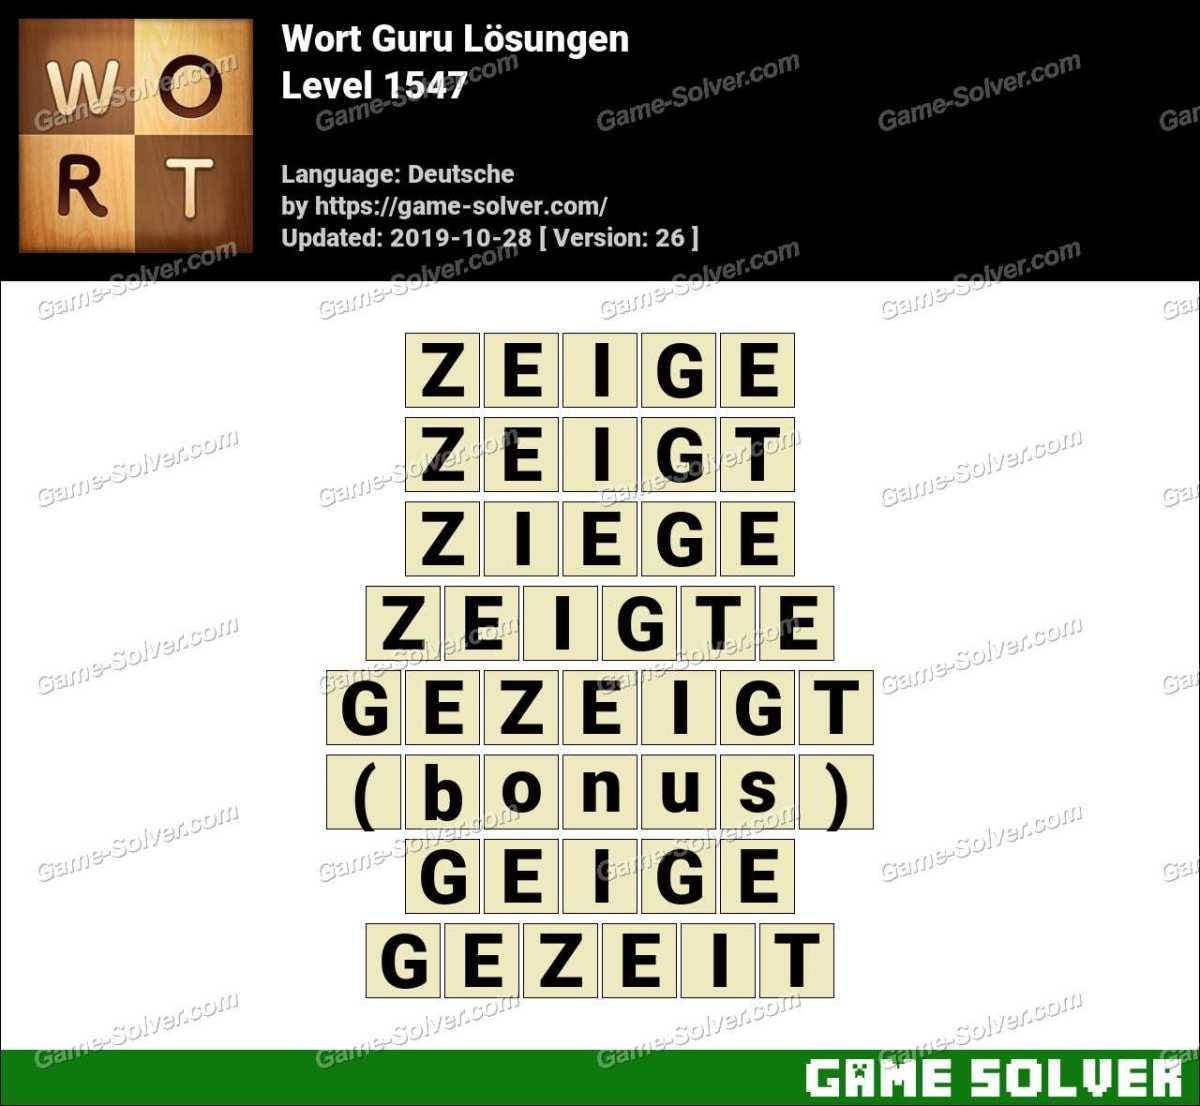 Wort Guru Level 1547 Lösungen